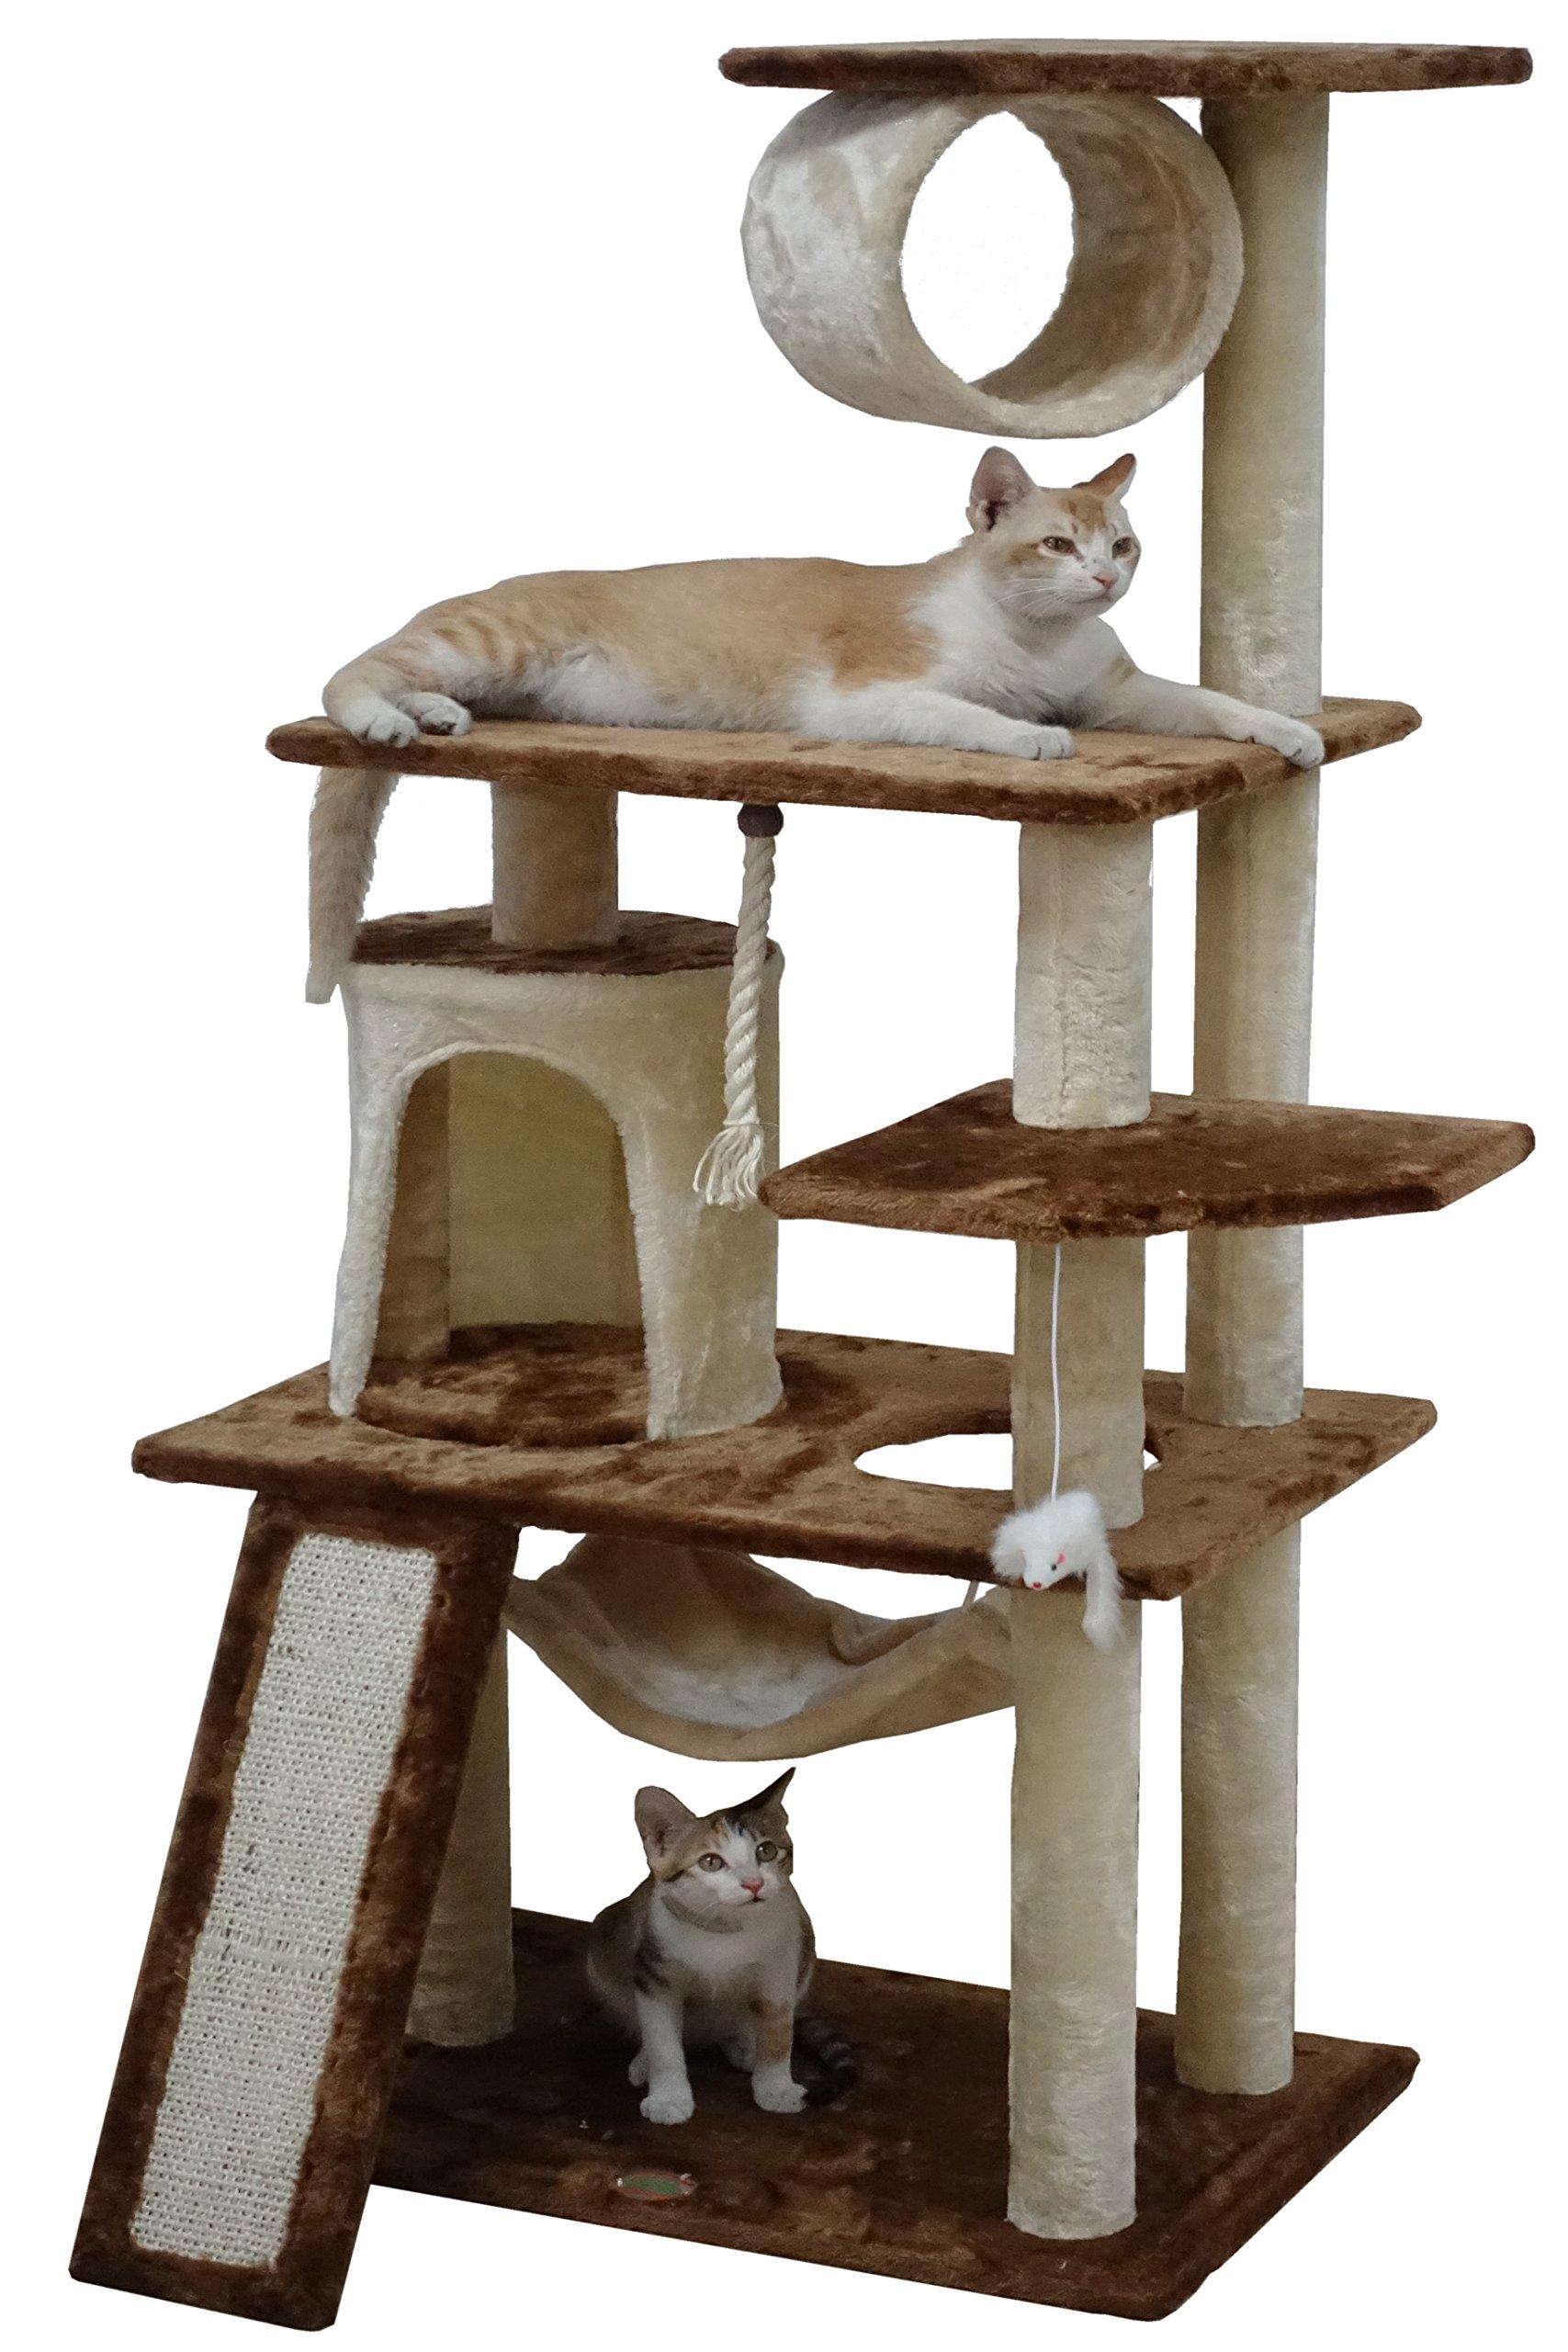 Go Pet Club F712 53'' Kitten Tree by Go Pet Club